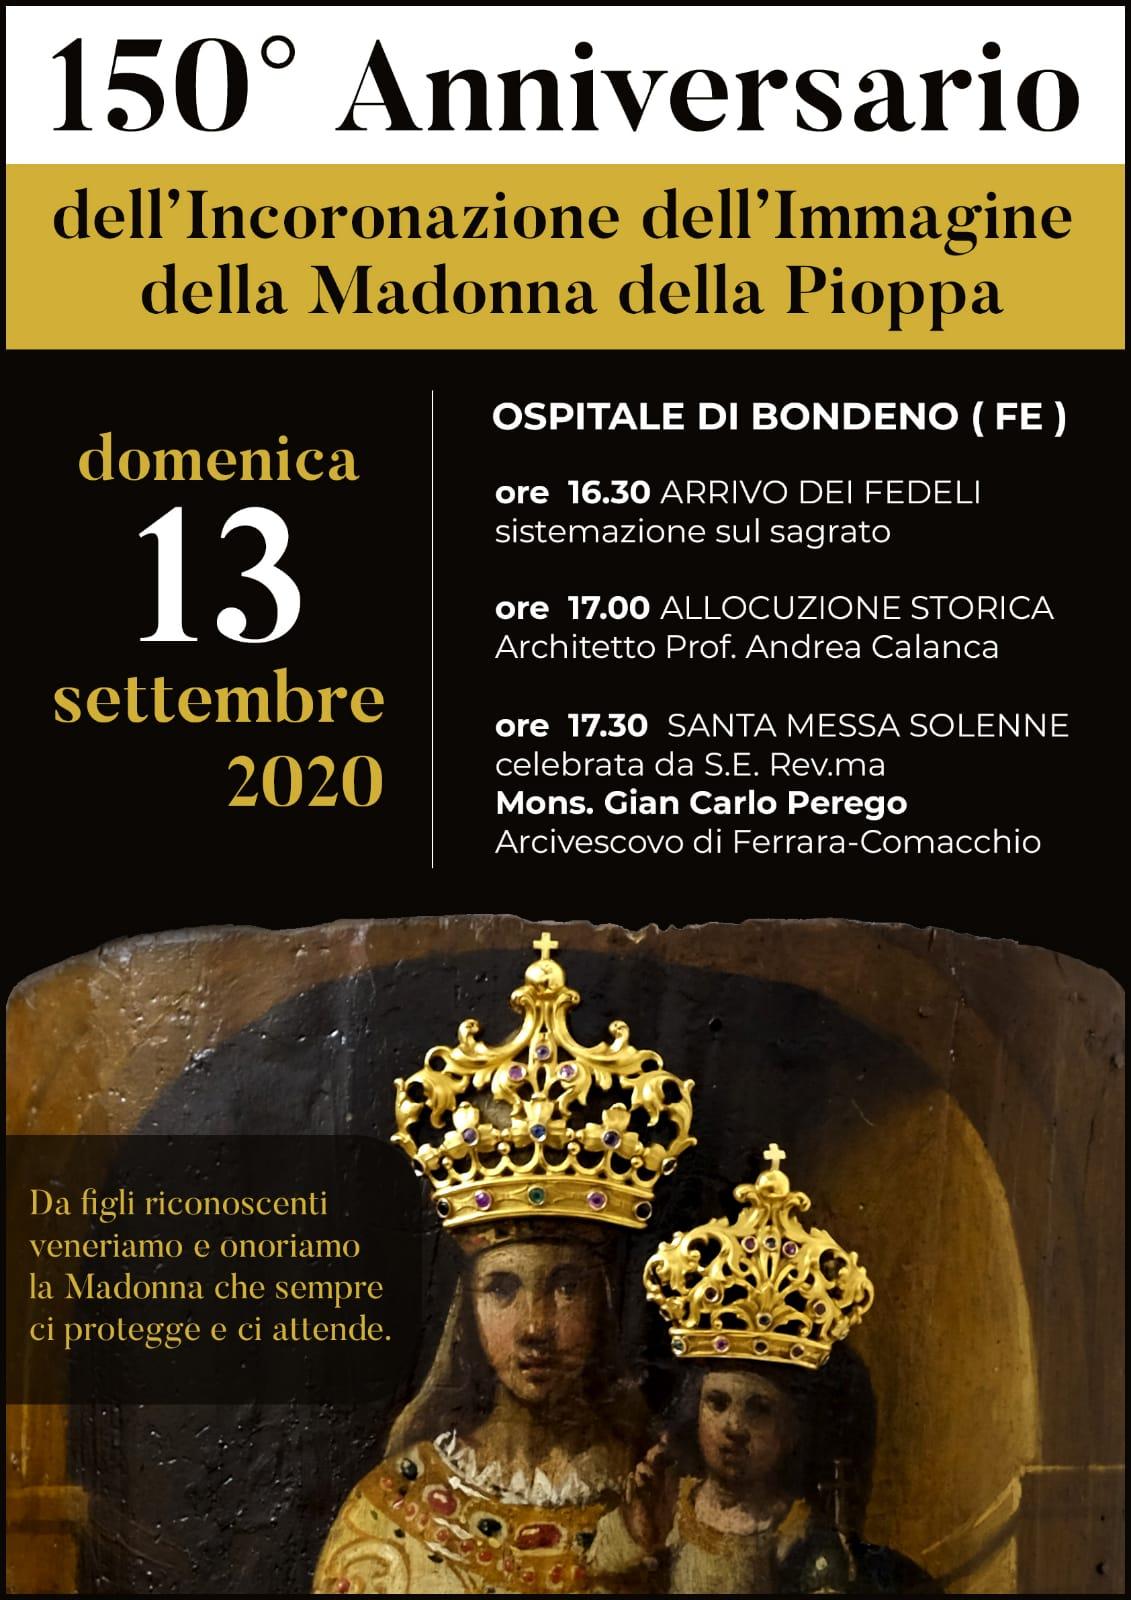 150° Anniversario dell'incoronazione dell'immagine della Madonna della pioppa